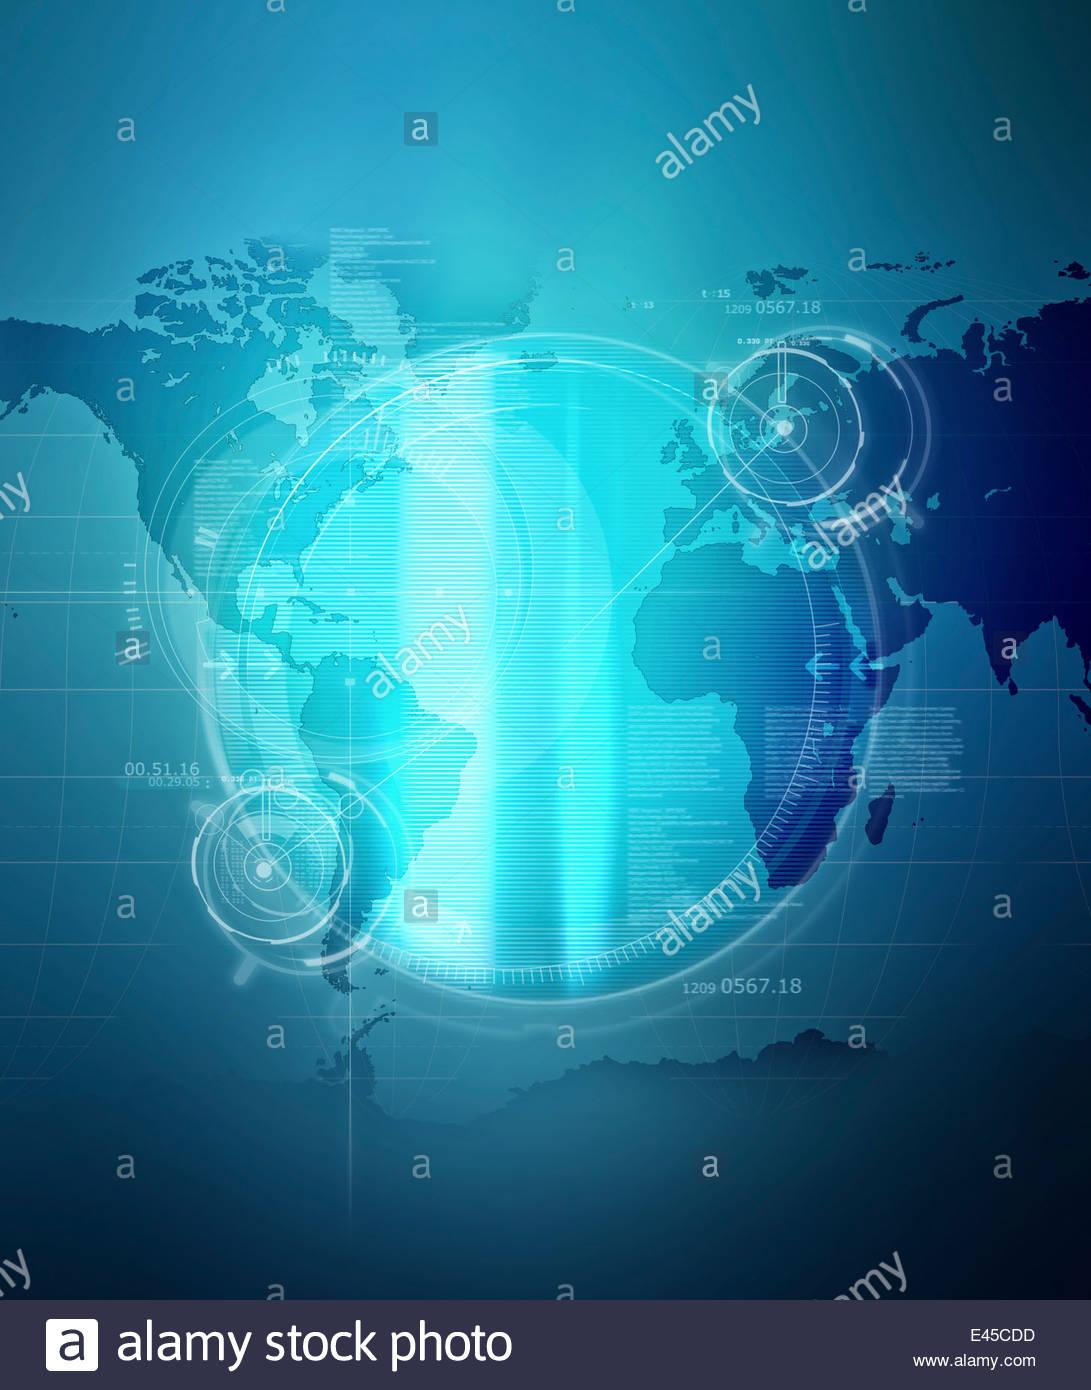 Beleuchtete Ziele und Daten über blaue Weltkarte Stockbild